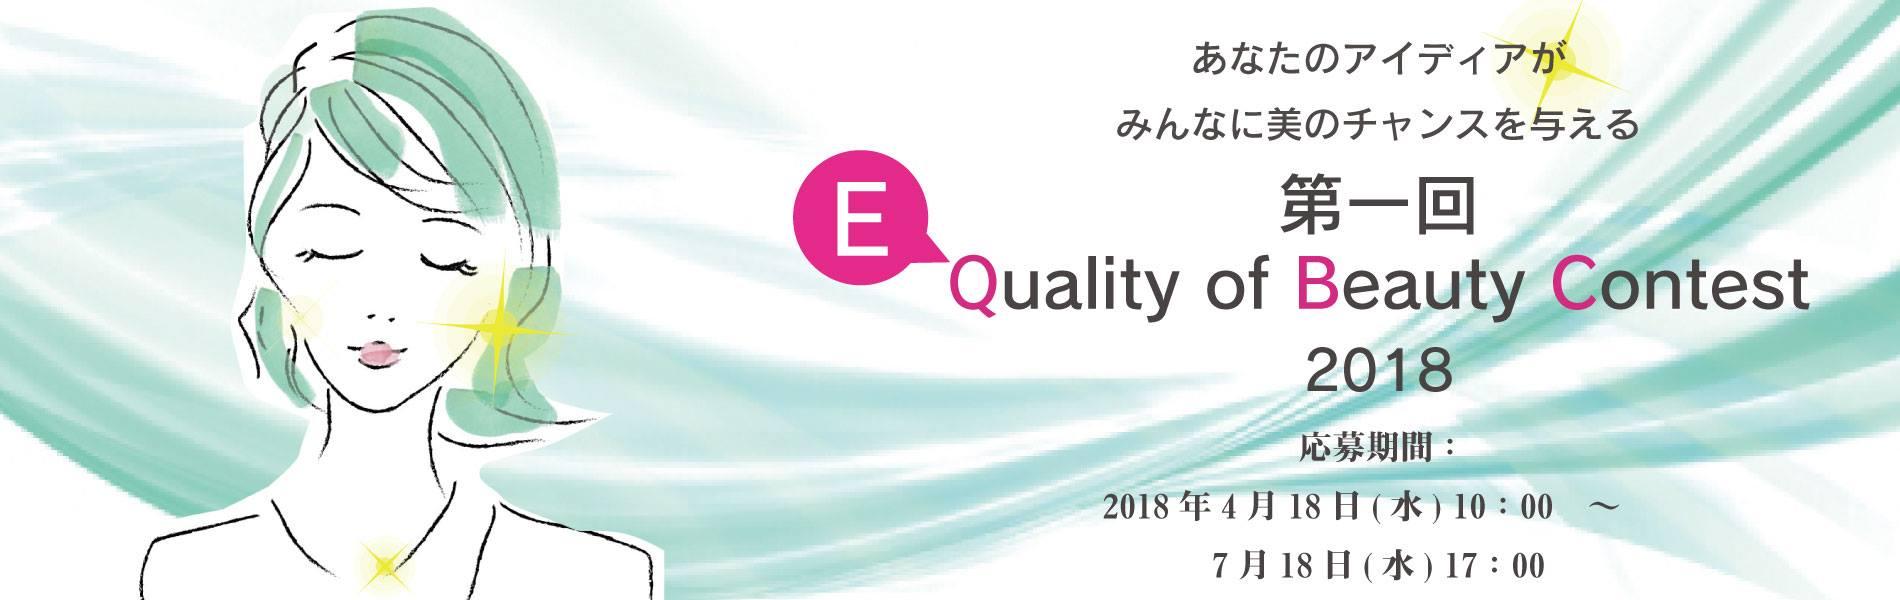 EQBC金属アレルギーコンテスト公式サイトへ